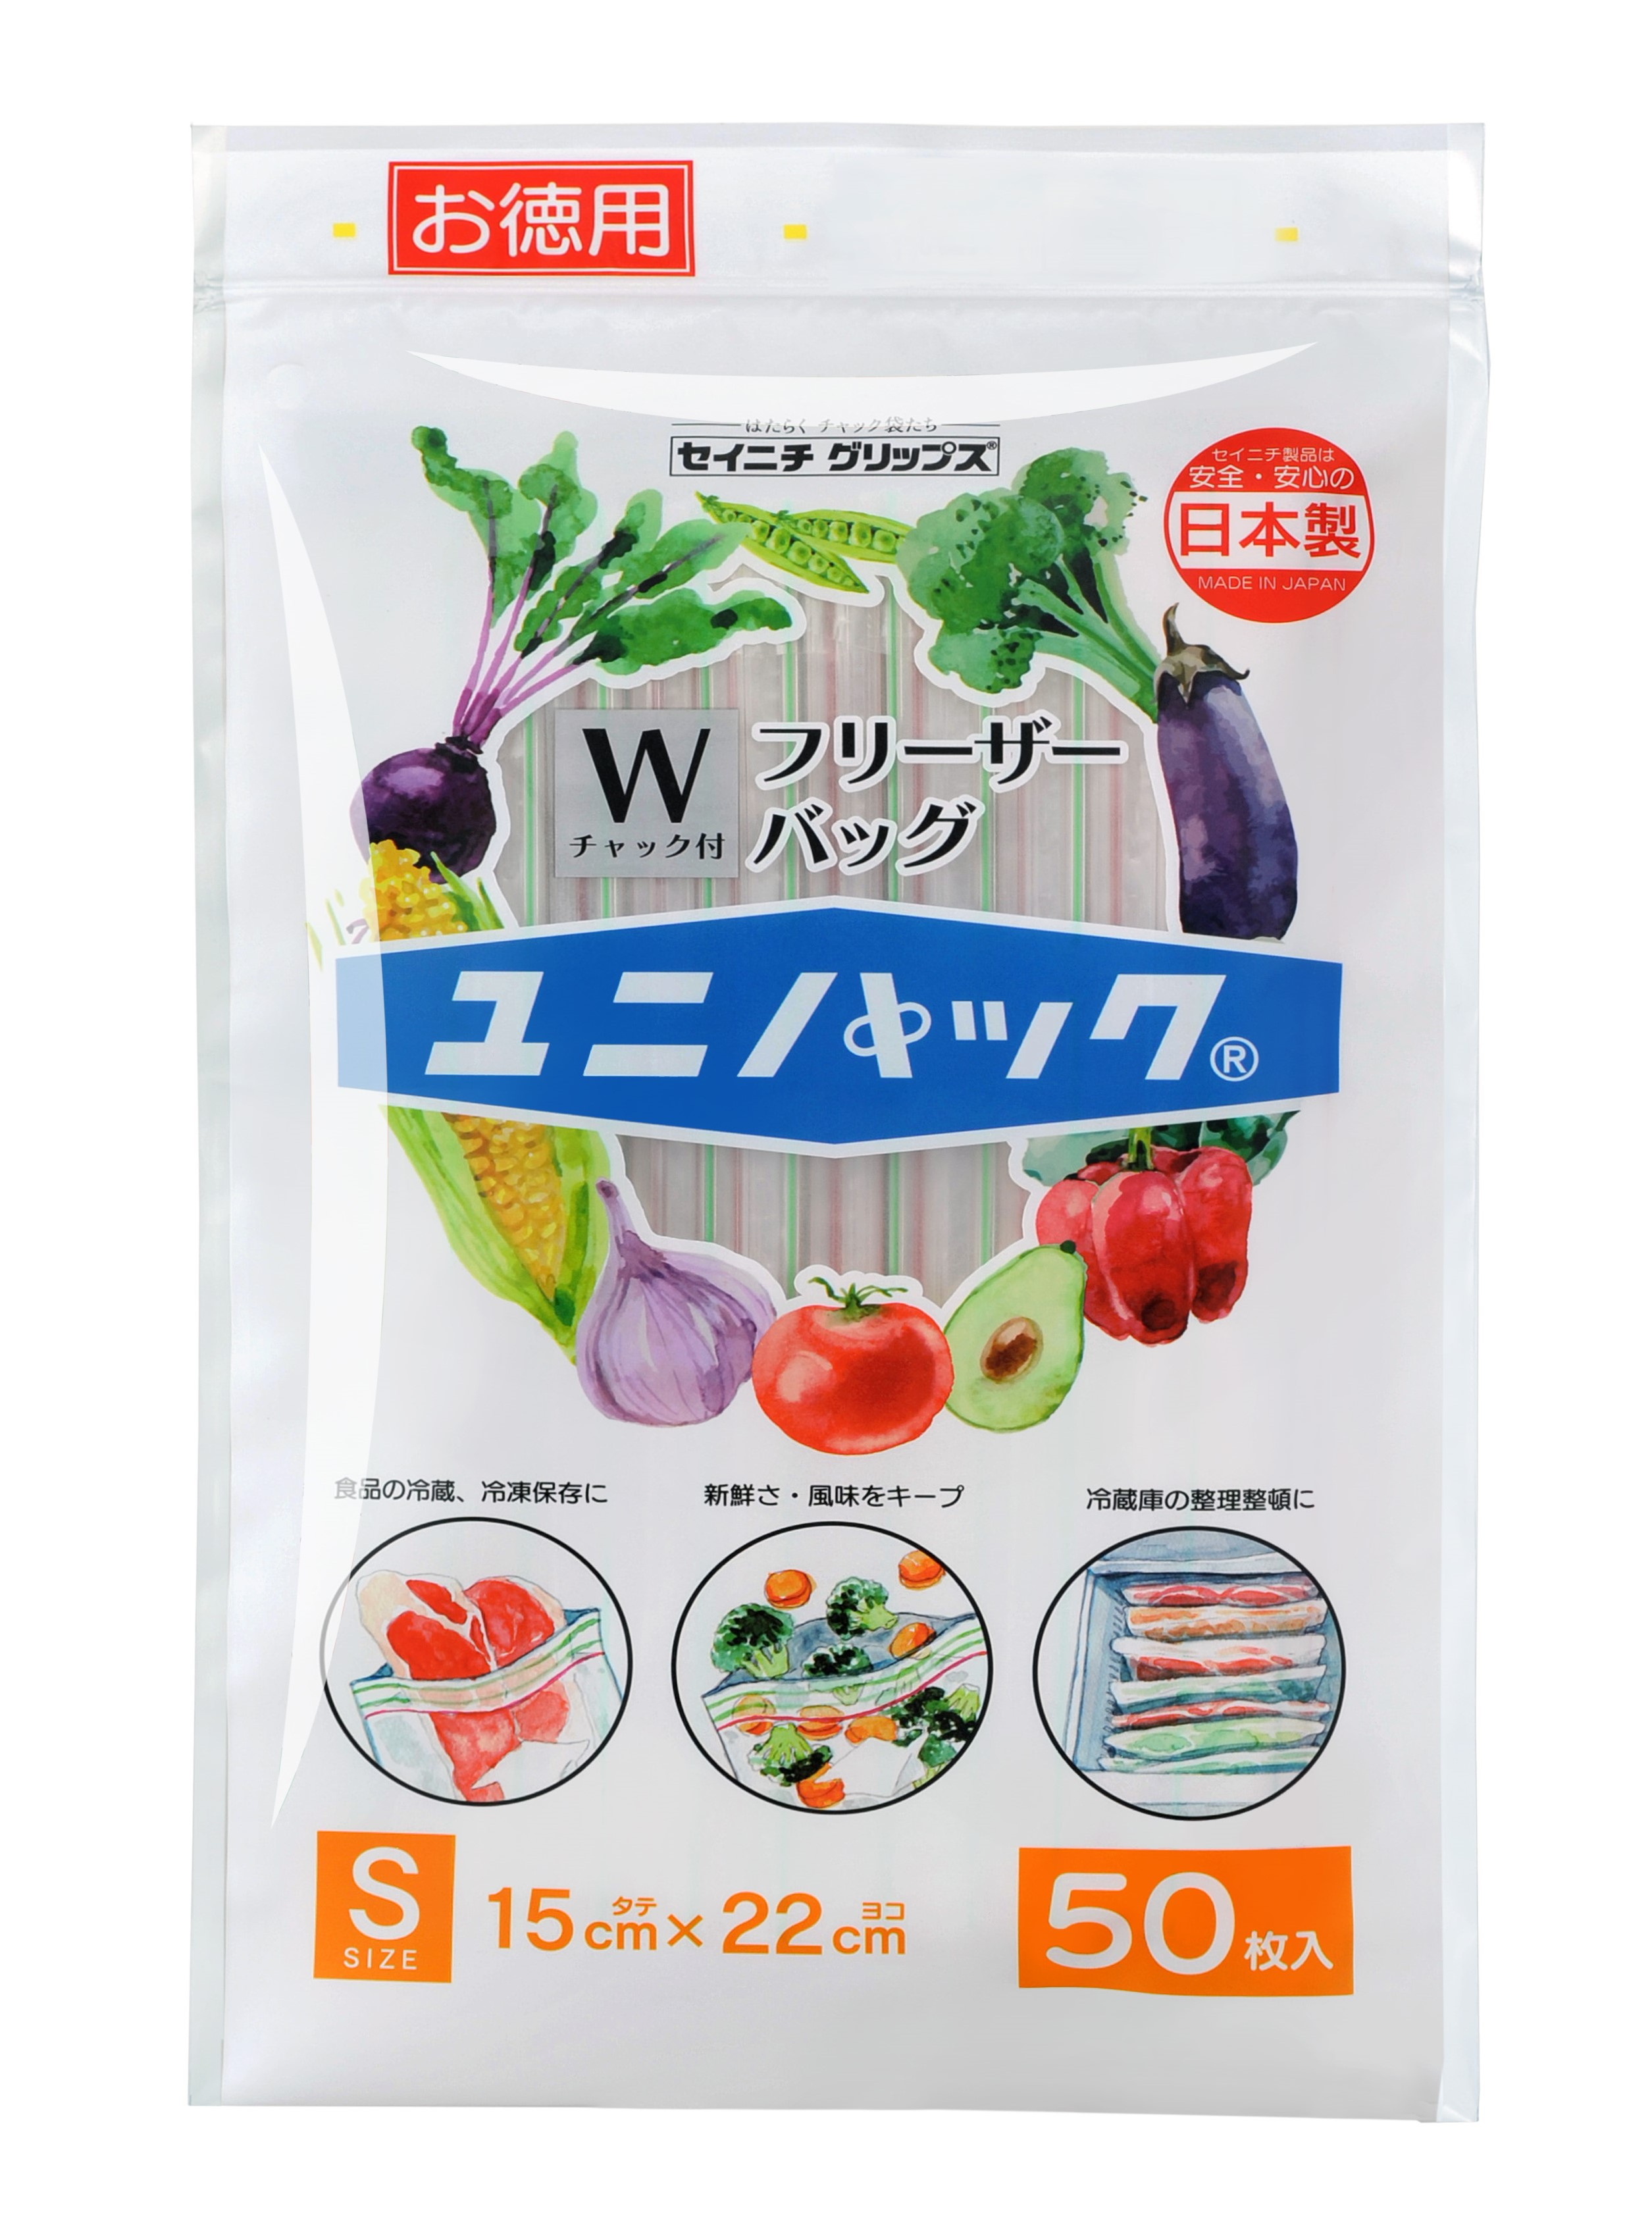 今だけスーパーセール限定 日本製フリーザーバッグ 安心 安全 の袋で食材をおいしく保存 フリーザーバッグ 保存袋 日本製 保障 チャック付ポリ袋 お徳用50枚入 S